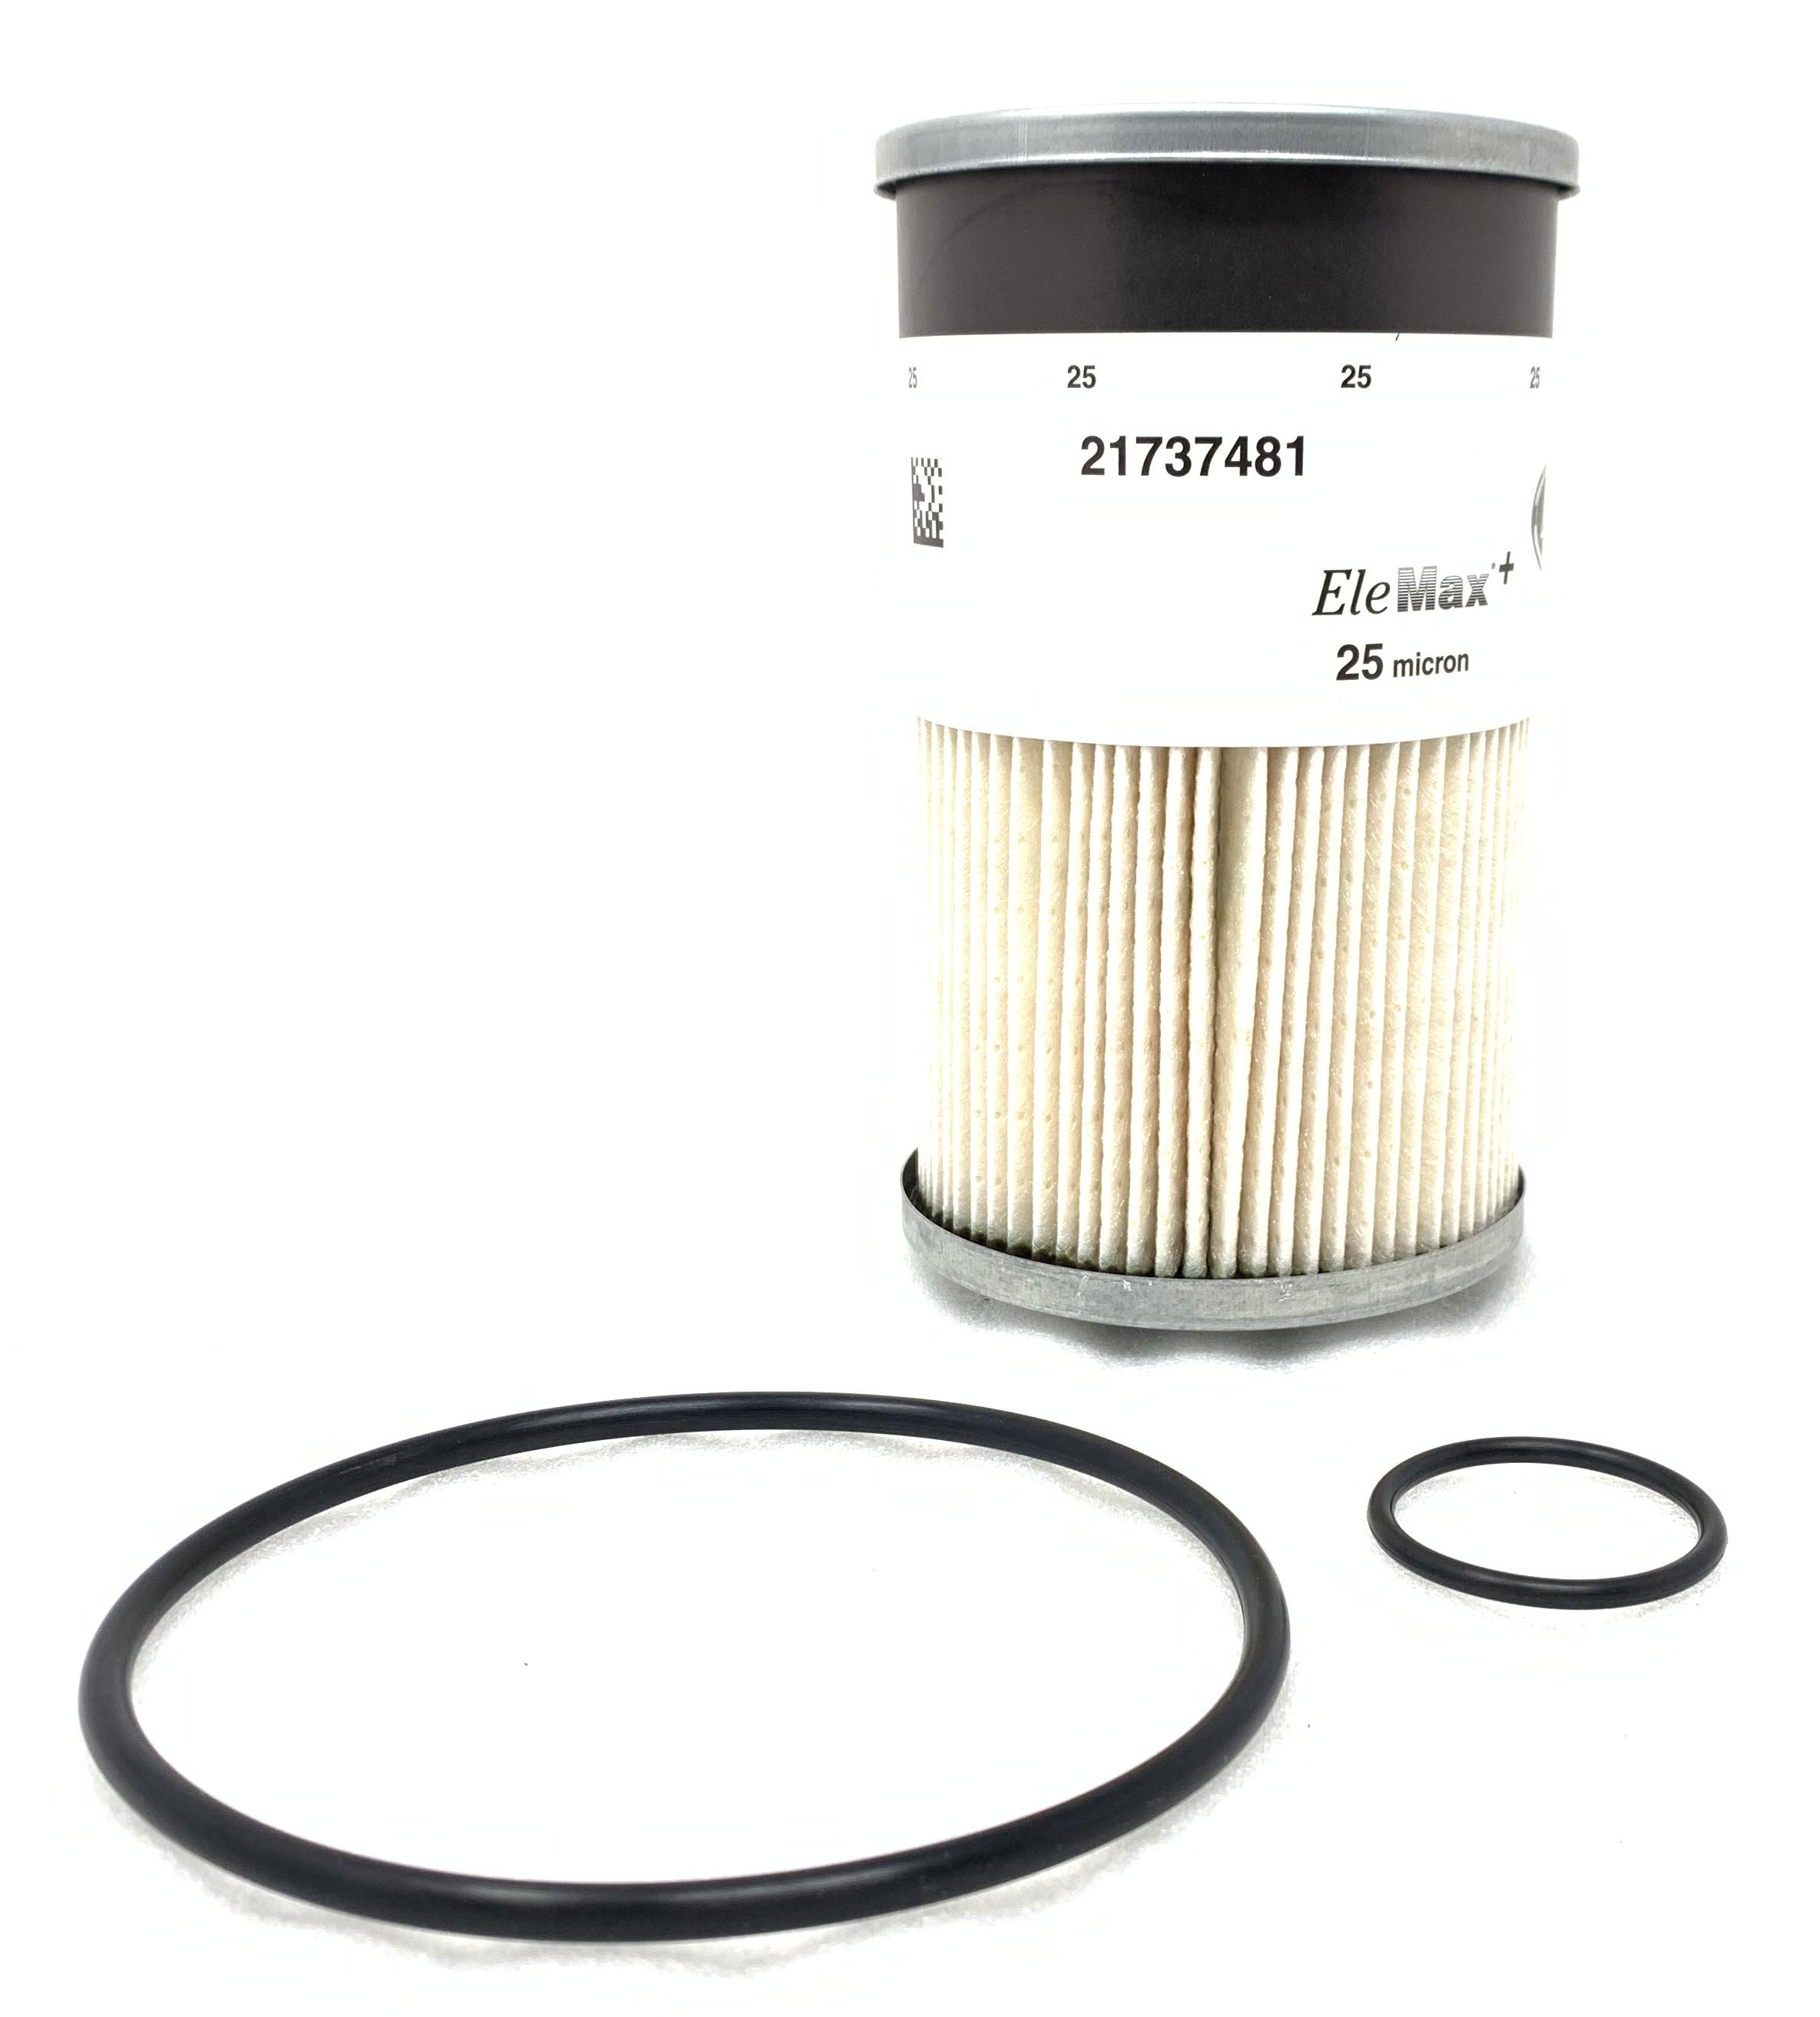 [SCHEMATICS_4CA]  Fuel Filter Insert 21737481 | Filters | Mack Truck Parts | Webb Fuel Filters |  | Heavy Duty Truck Parts